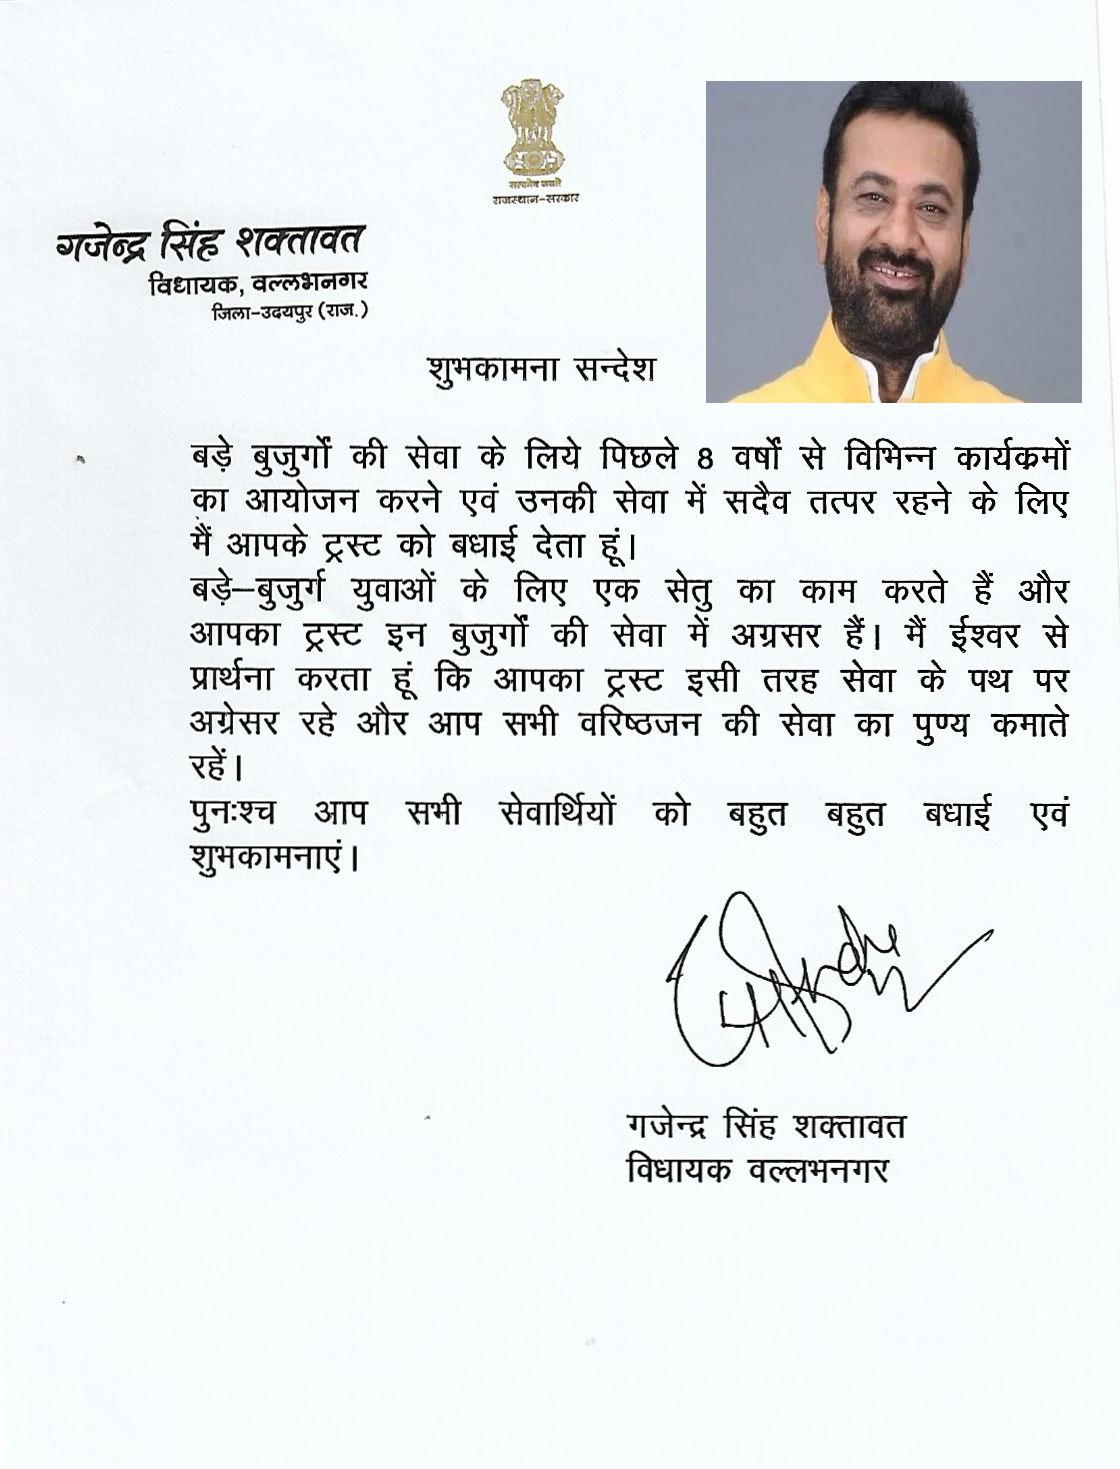 Shri Gajendra Singh Shaktawat